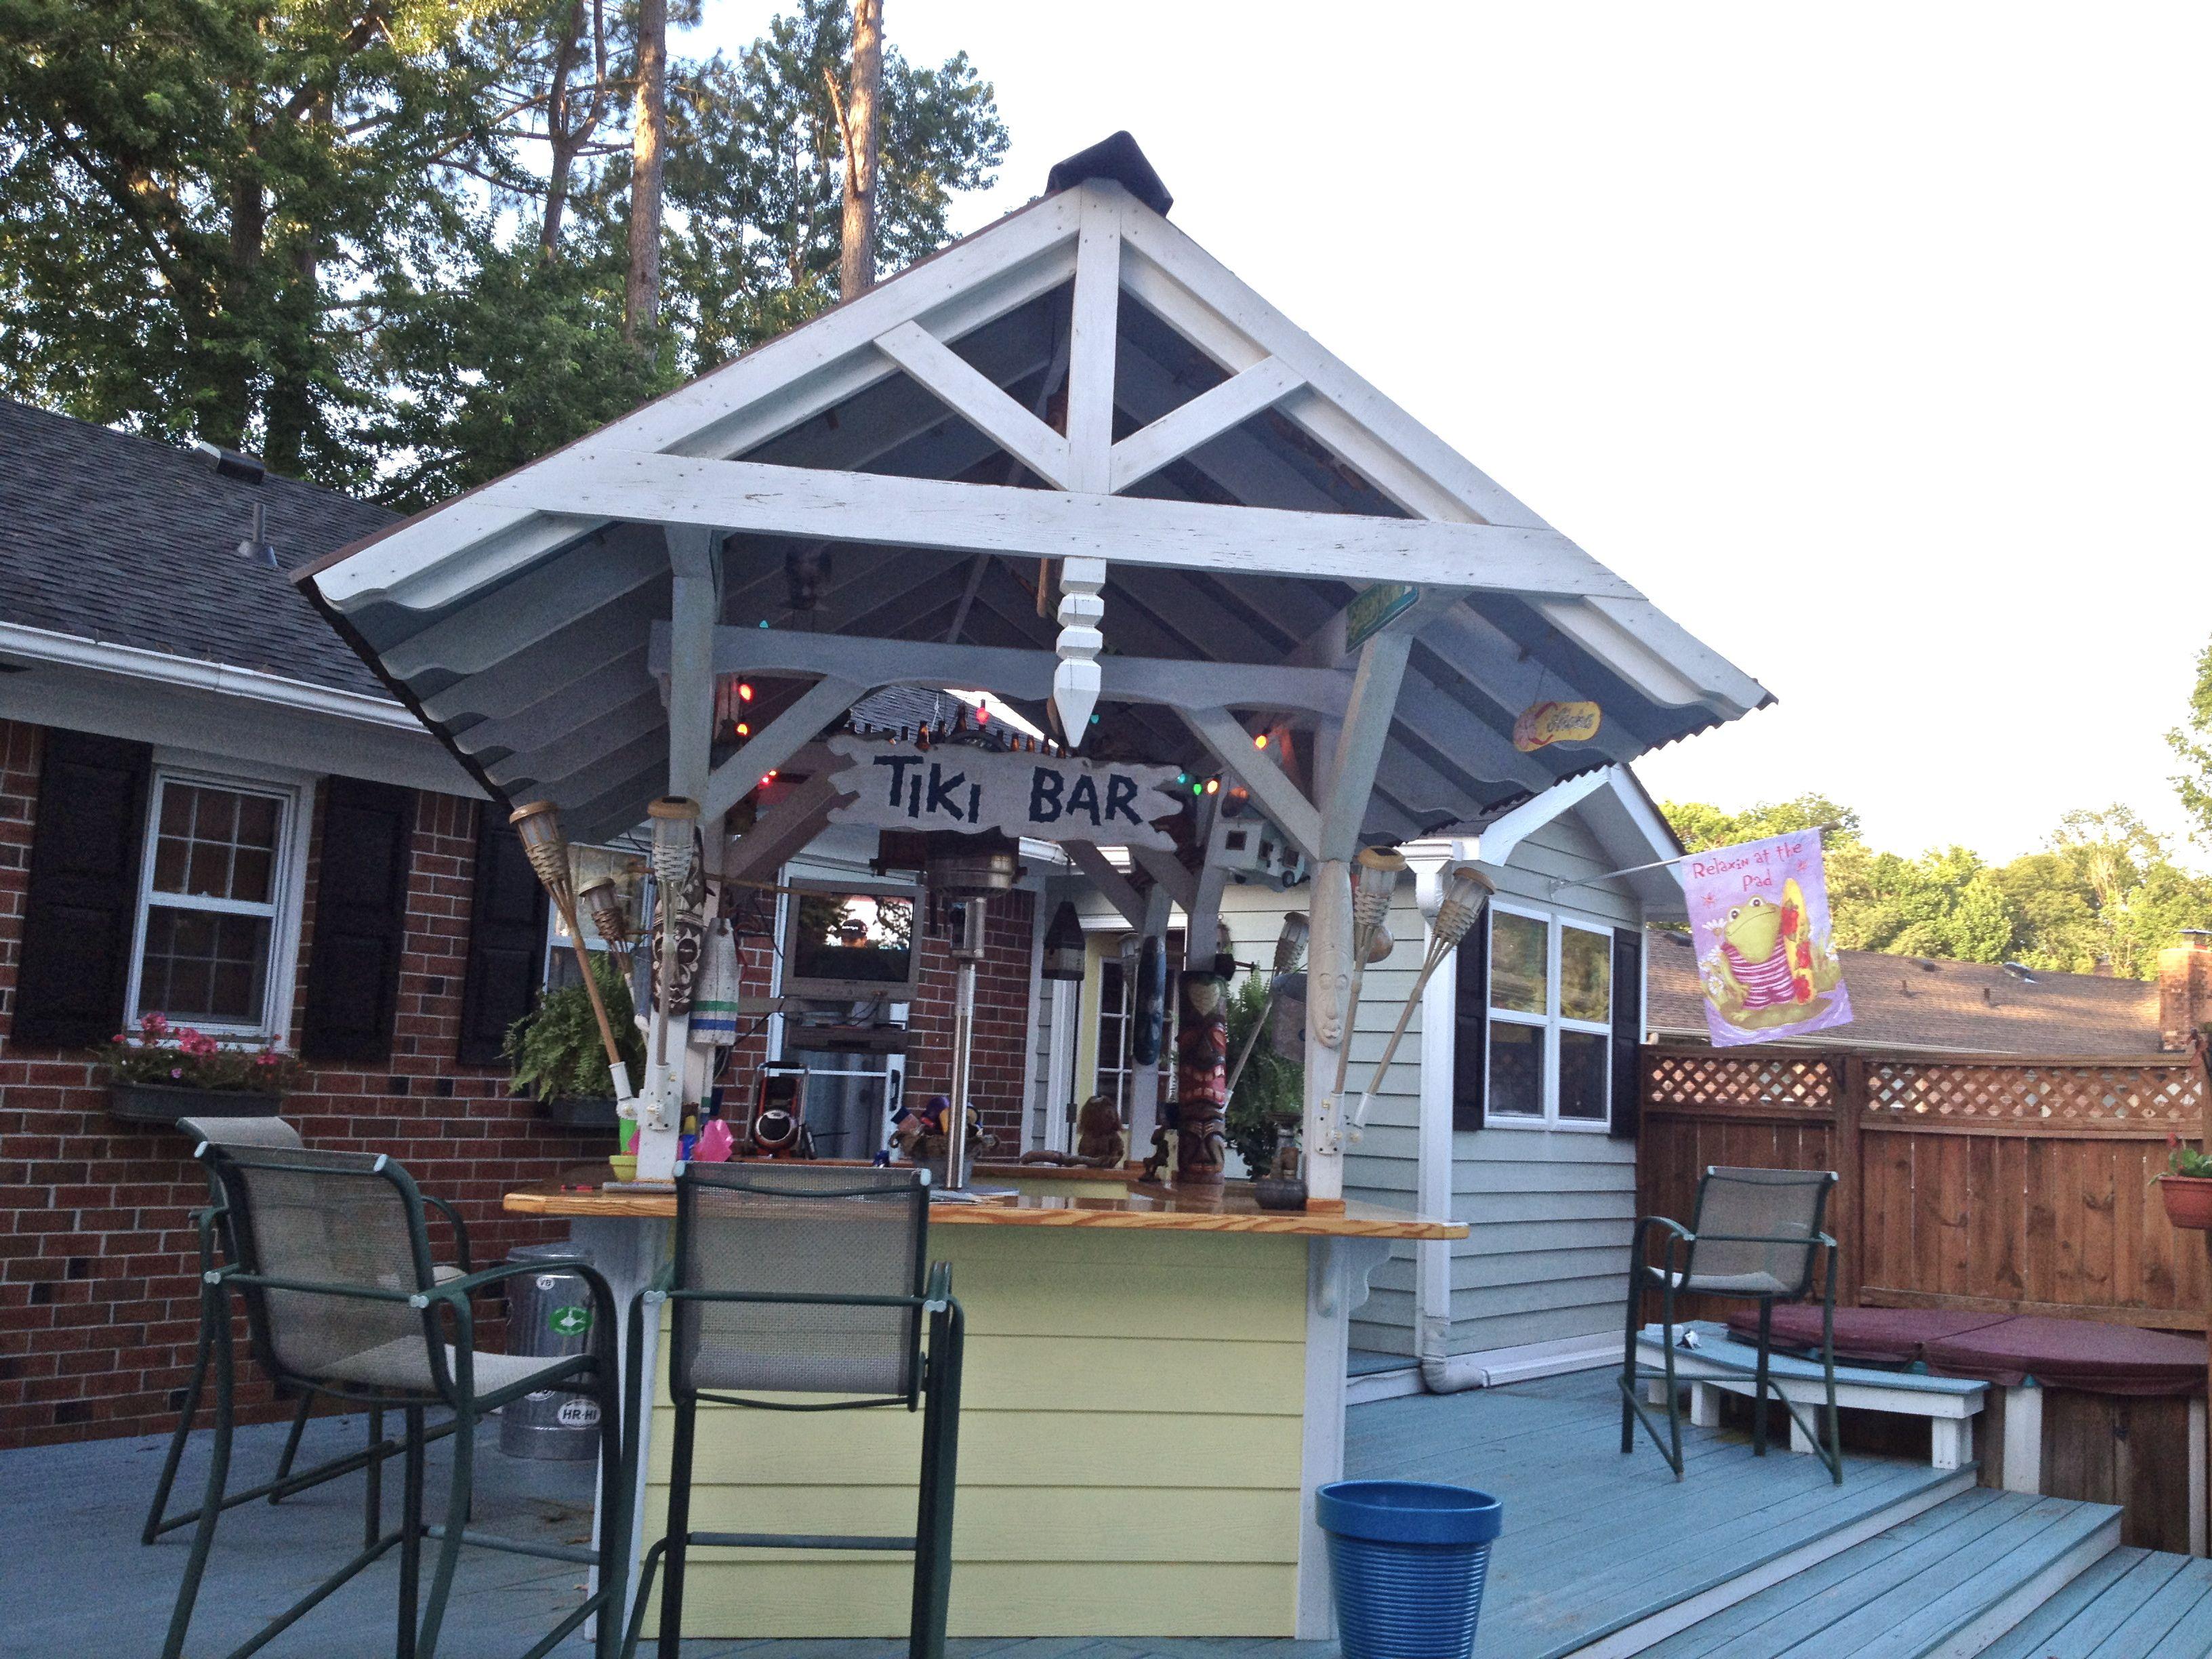 2015 13 backyard tiki bar ideas on backyard tiki bar patio bar